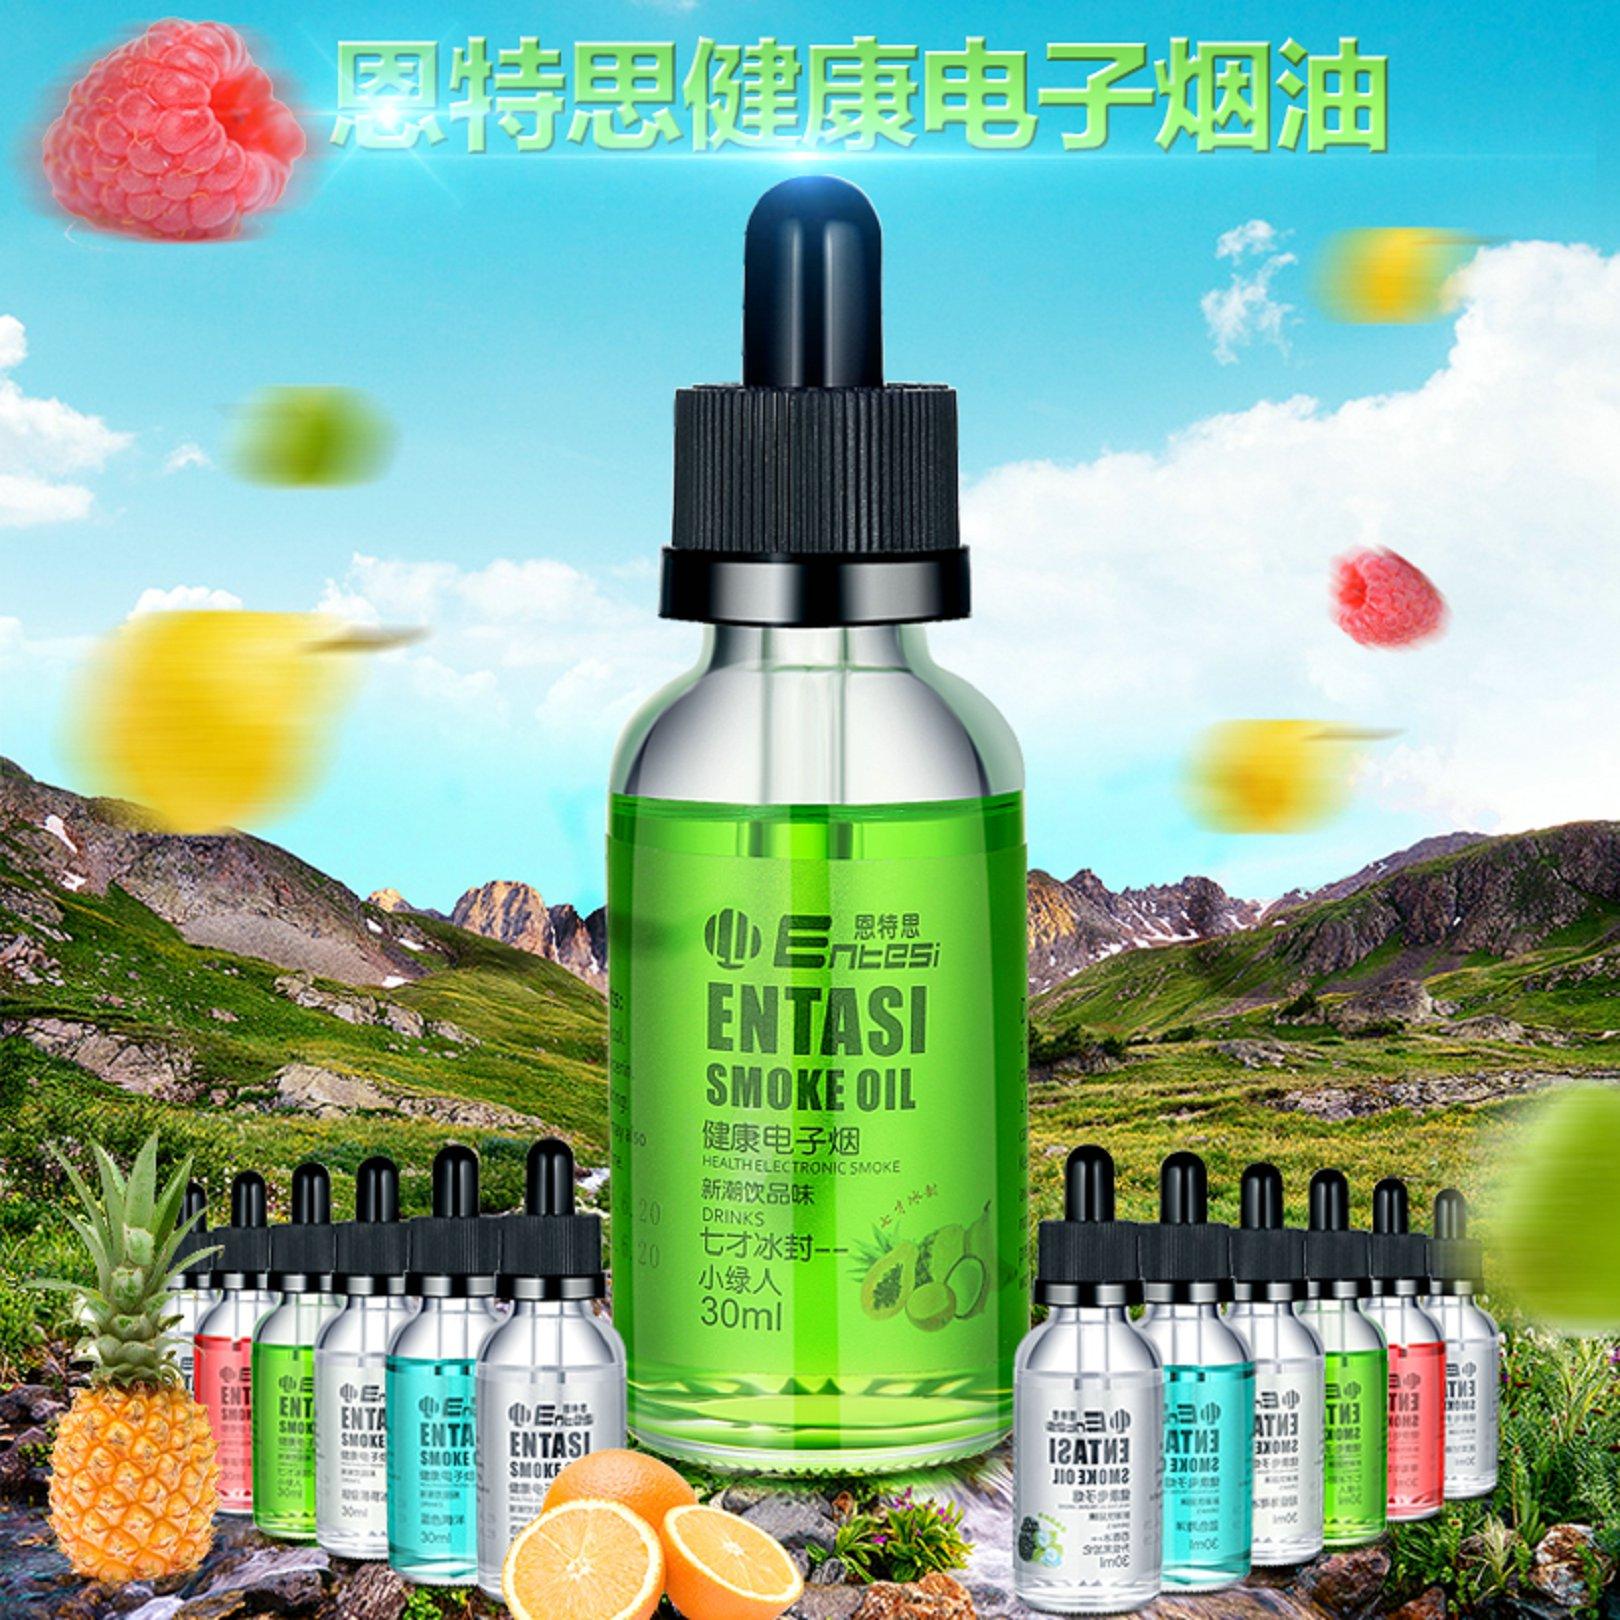 дым, дым большой электронной табачного дыма Аутентичные 30 мл жидкости чистый импорт овощей фруктовый вкус пара дым VG глицерин